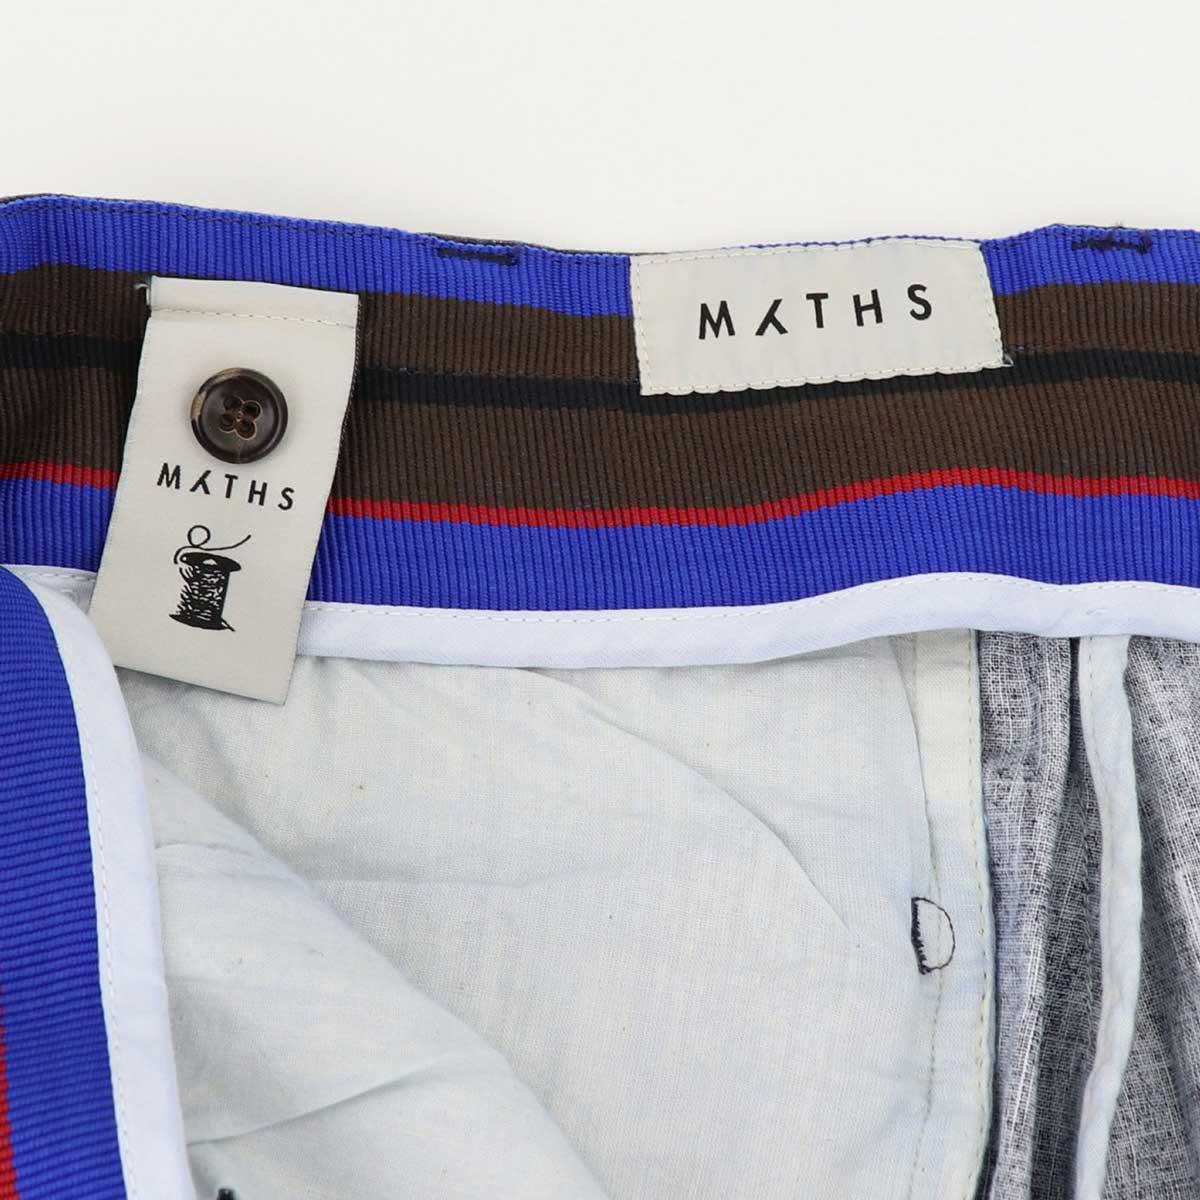 【クリアランスセール】ミース MYTHS メンズ コットンリネン ストレッチ サイドアジャスター ワンプリーツ ショートパンツ 20M70B 290-12501-77(ネイビー)【返品交換不可】